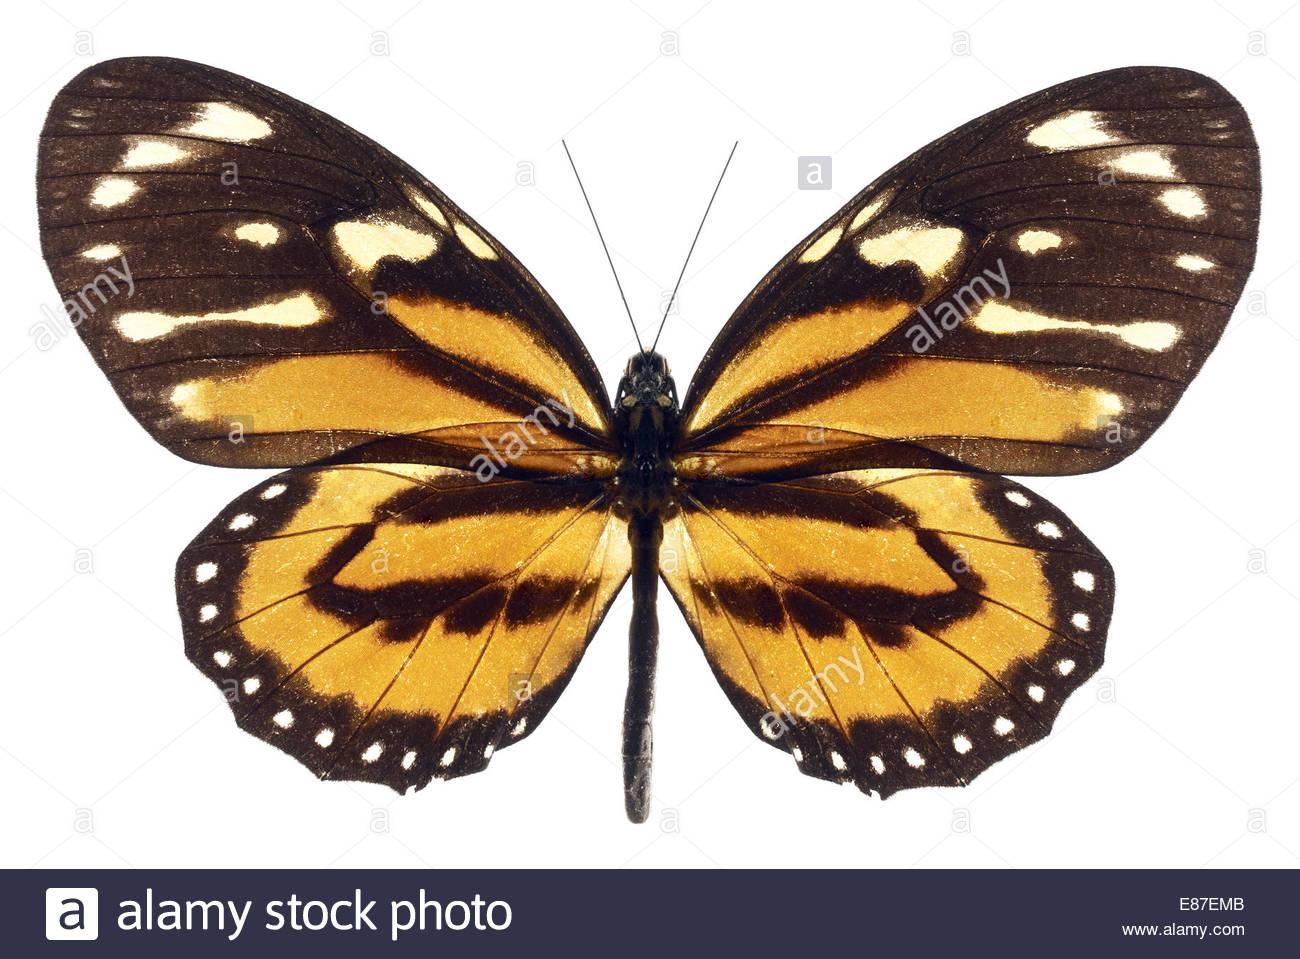 Farfalla monarca con ali aperte su sfondo bianco Immagini Stock